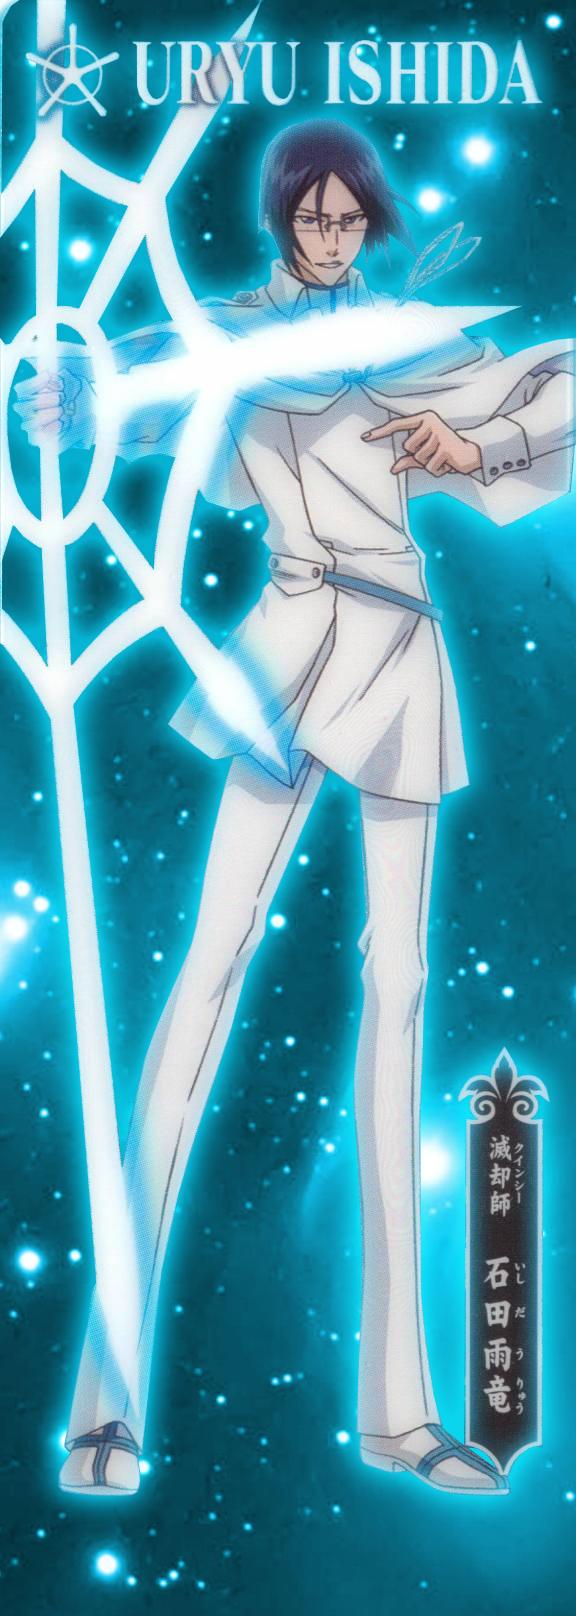 Uryu Ishida Bow Uryu Ishida Bookmark by